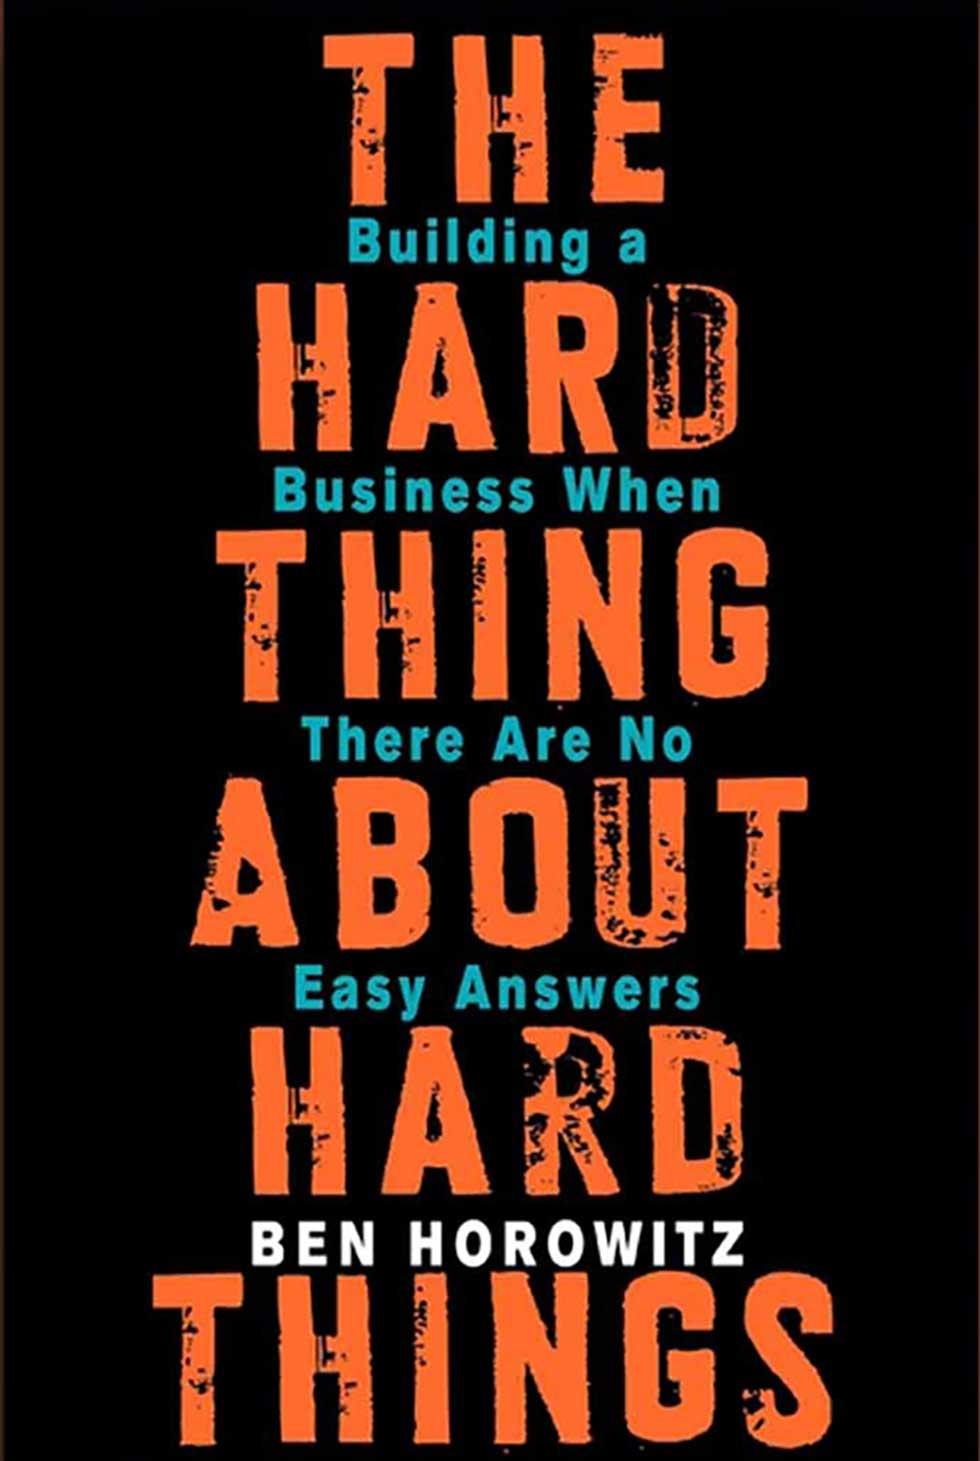 آموزش کارآفرینی و کتاب سختی کارهای سخت